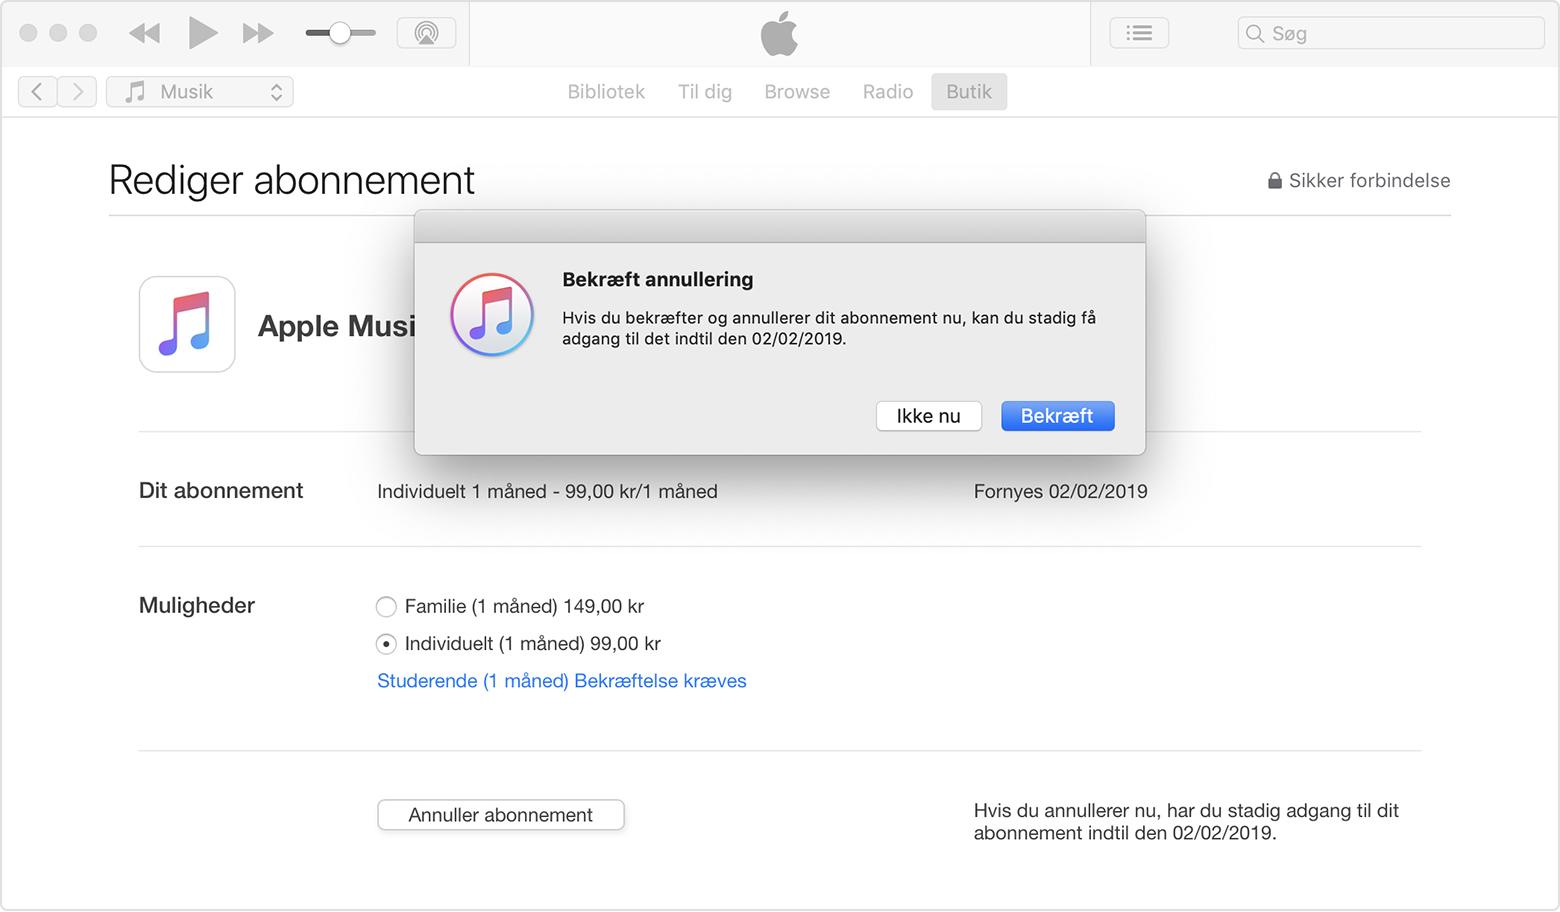 hvordan afmelder jeg apple music